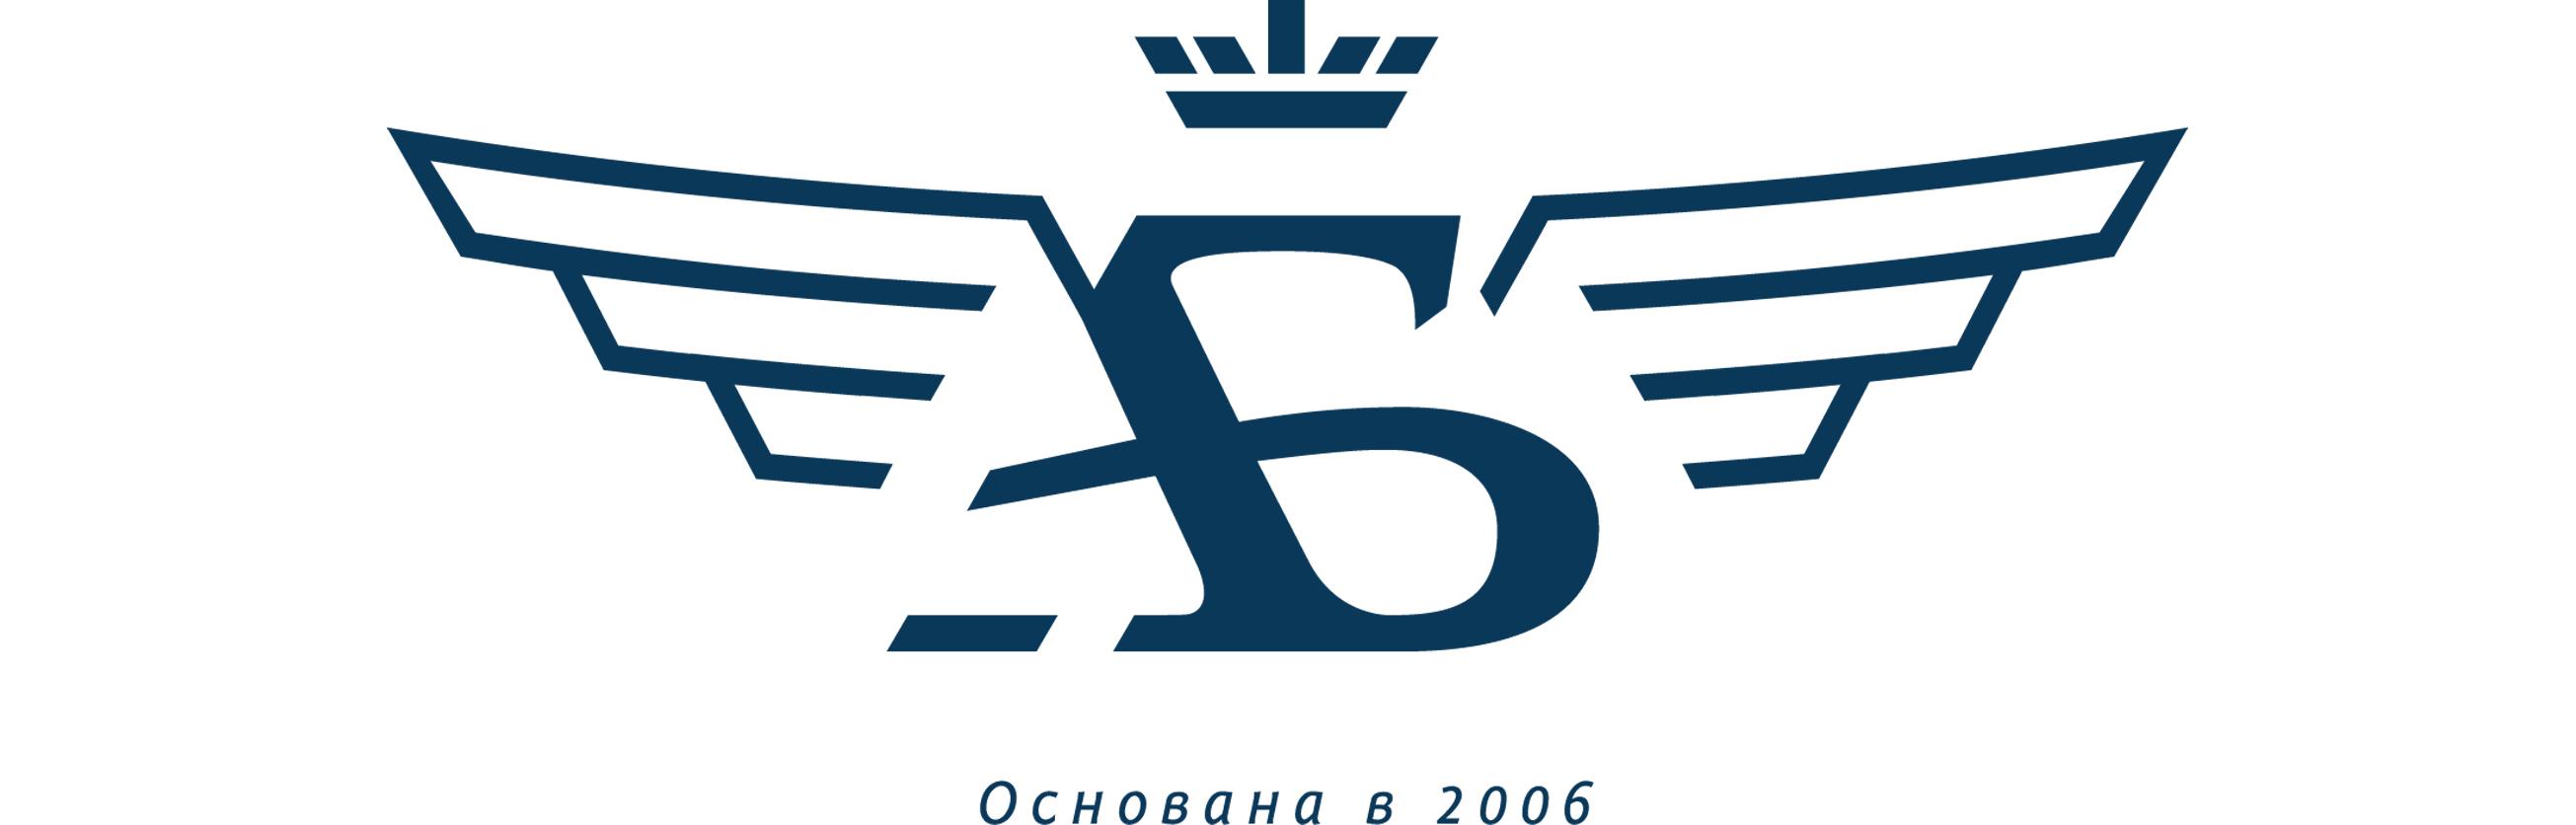 AB_presentation_logo_2_2-5